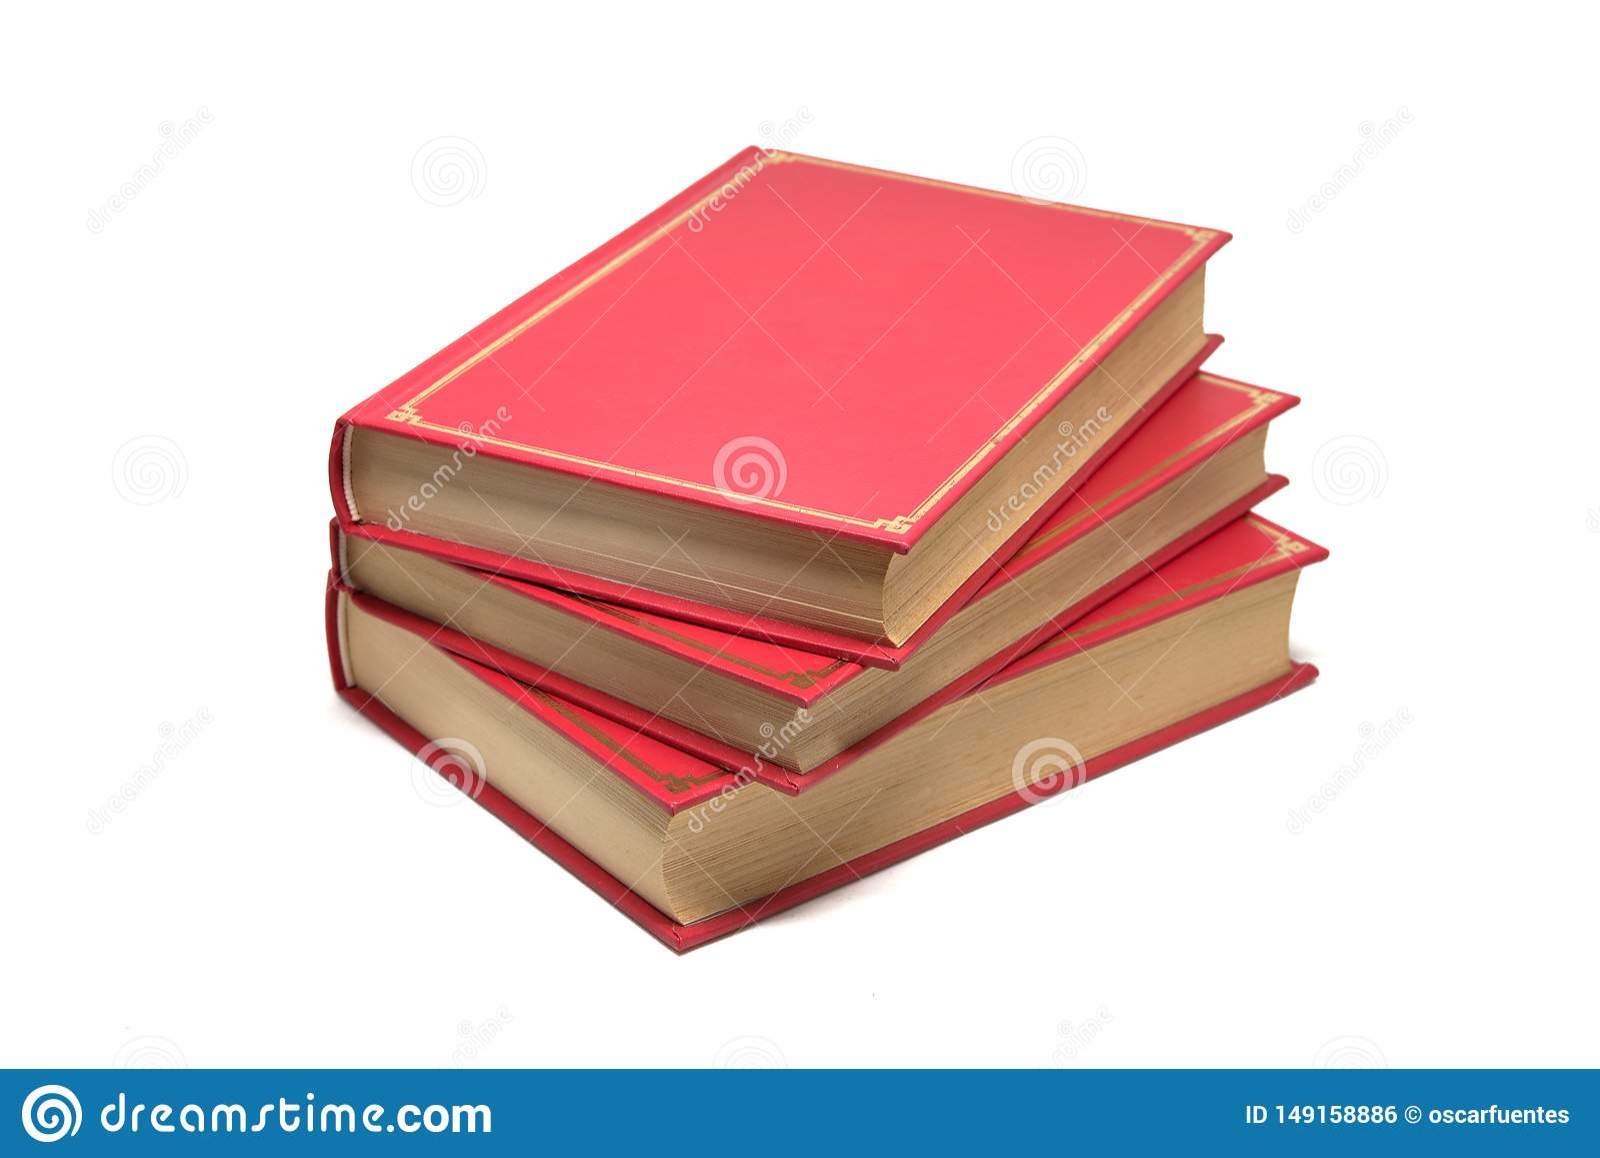 Torre de los libros, libros viejos